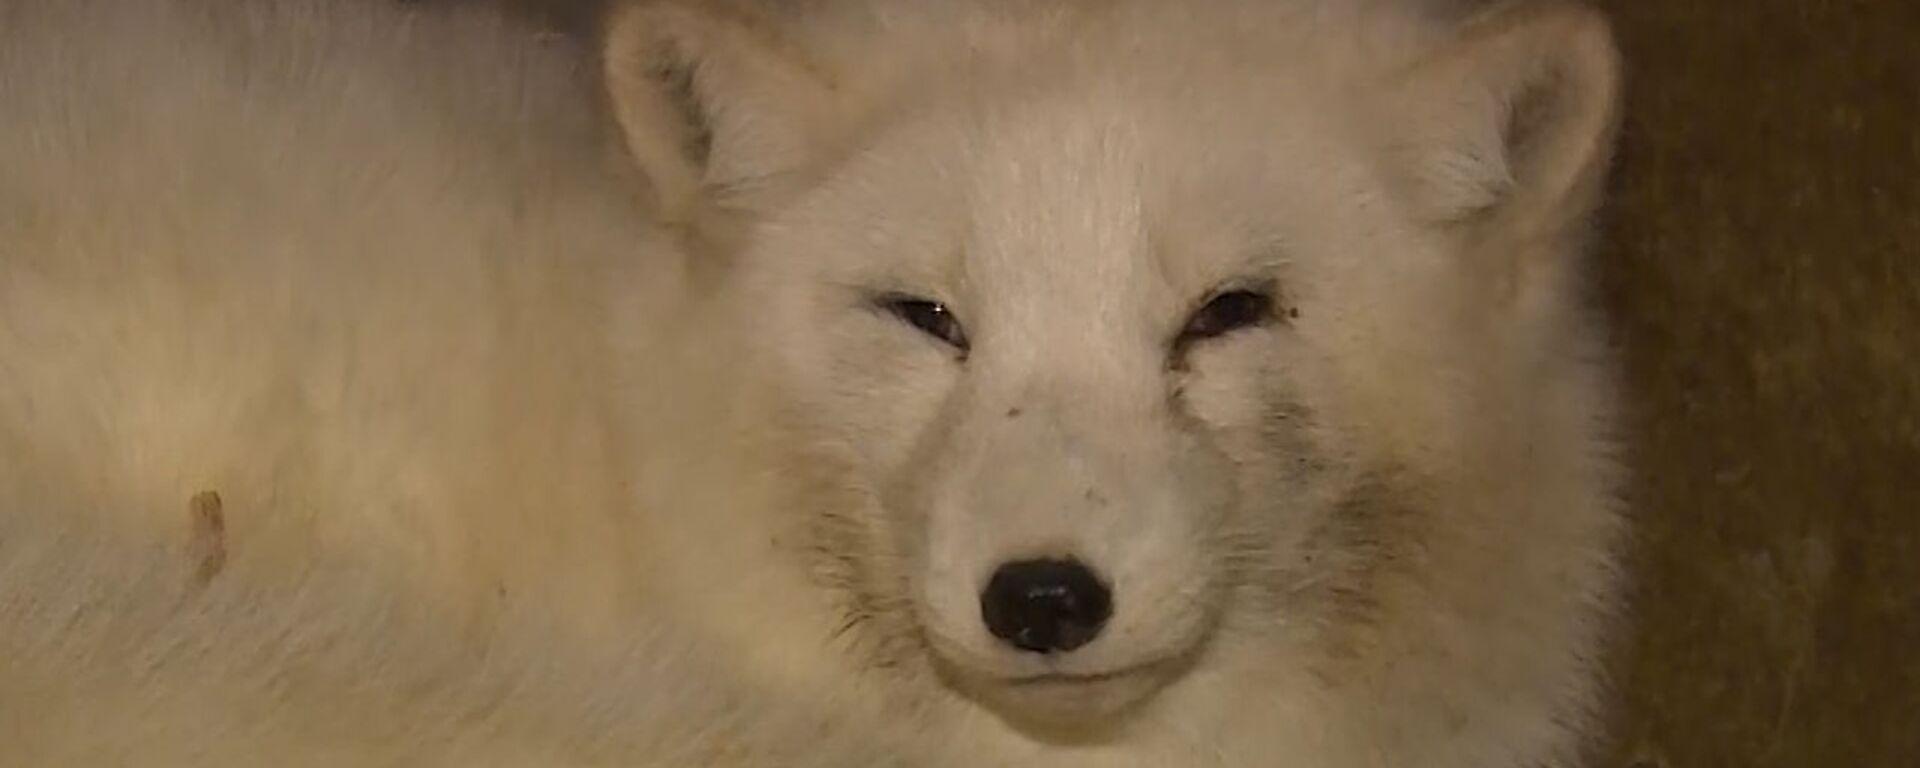 «Δικαίωμα στη ζωή»: Γυναίκα στη Ρωσία έσωσε πάνω από 40 αρκτικές αλεπούδες από τη σφαγή - Sputnik Ελλάδα, 1920, 10.02.2021